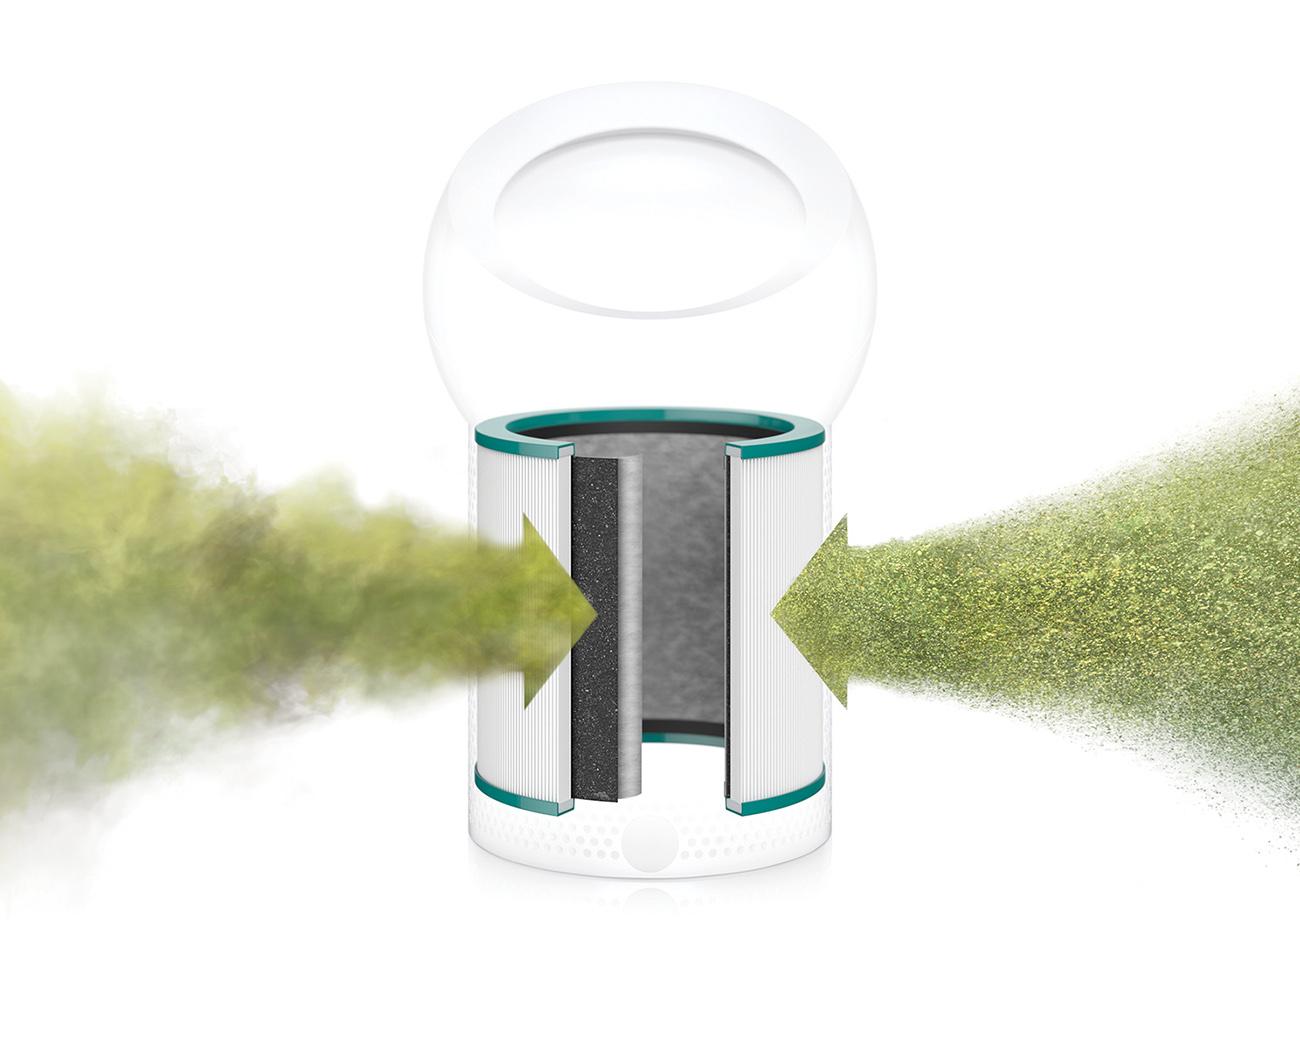 Efektivní filtrace, která odstraní až 99,95 % nečistot ze vzduchu